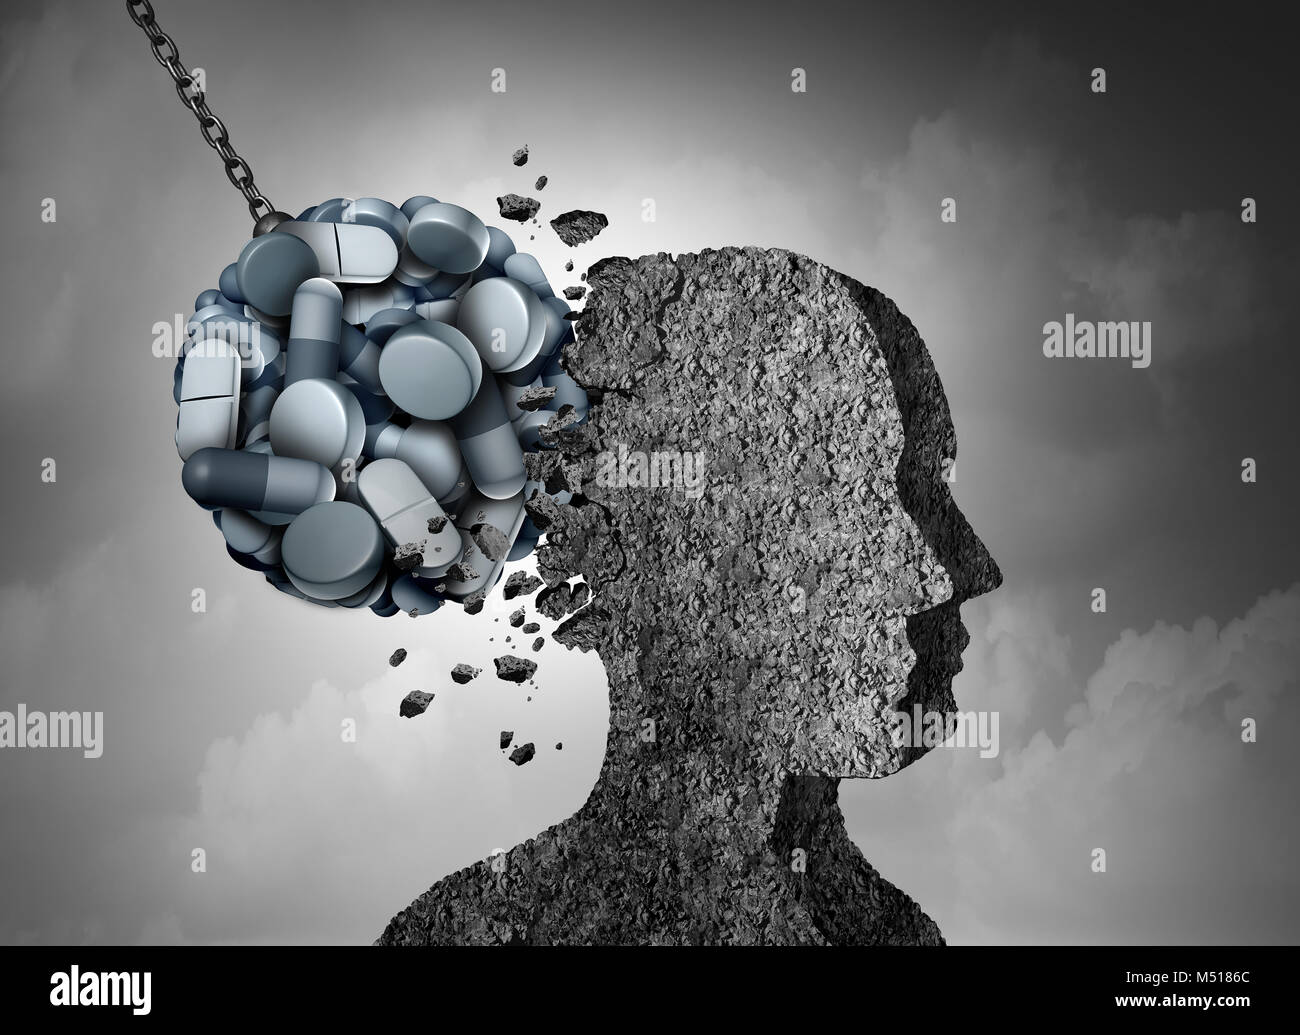 Epidemia de opioides peligro para la salud y crisis médica con un analgésico de venta con receta adicción Imagen De Stock